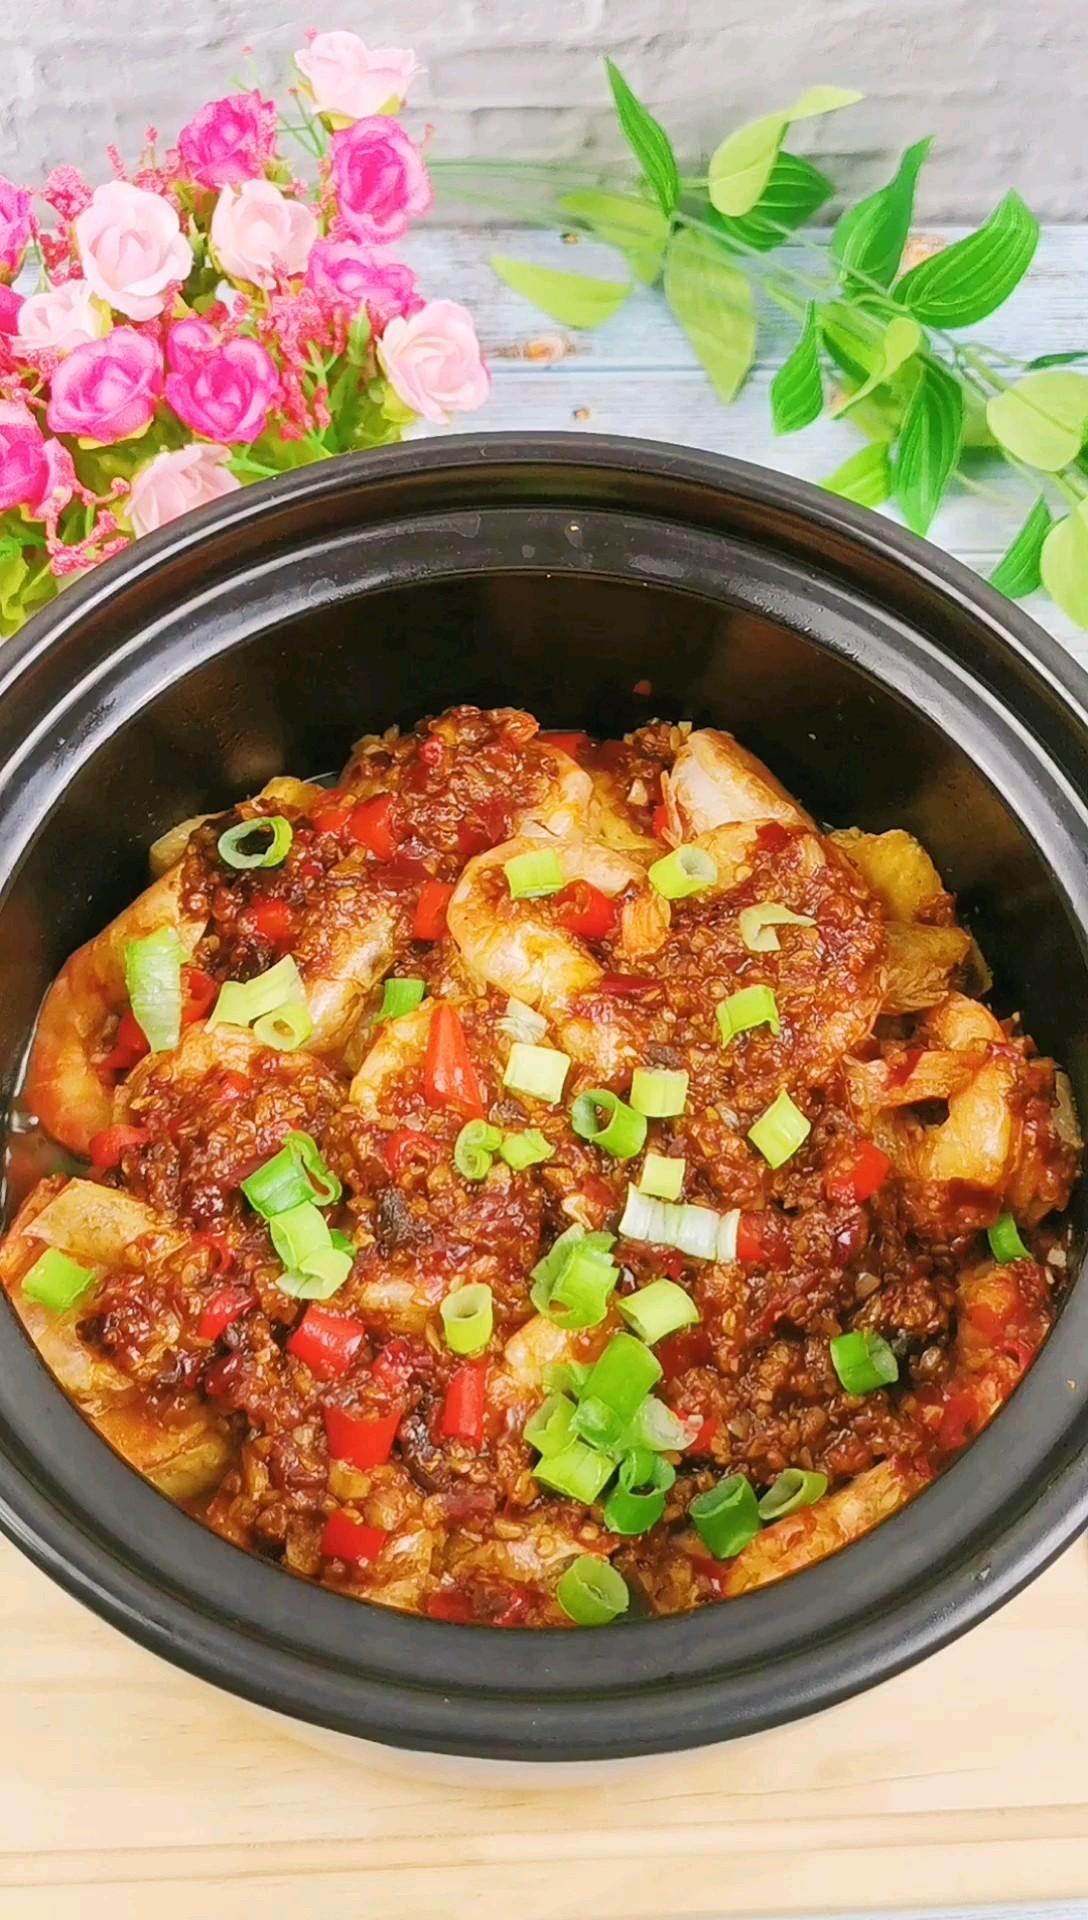 蒜蓉豆腐烧虾煲